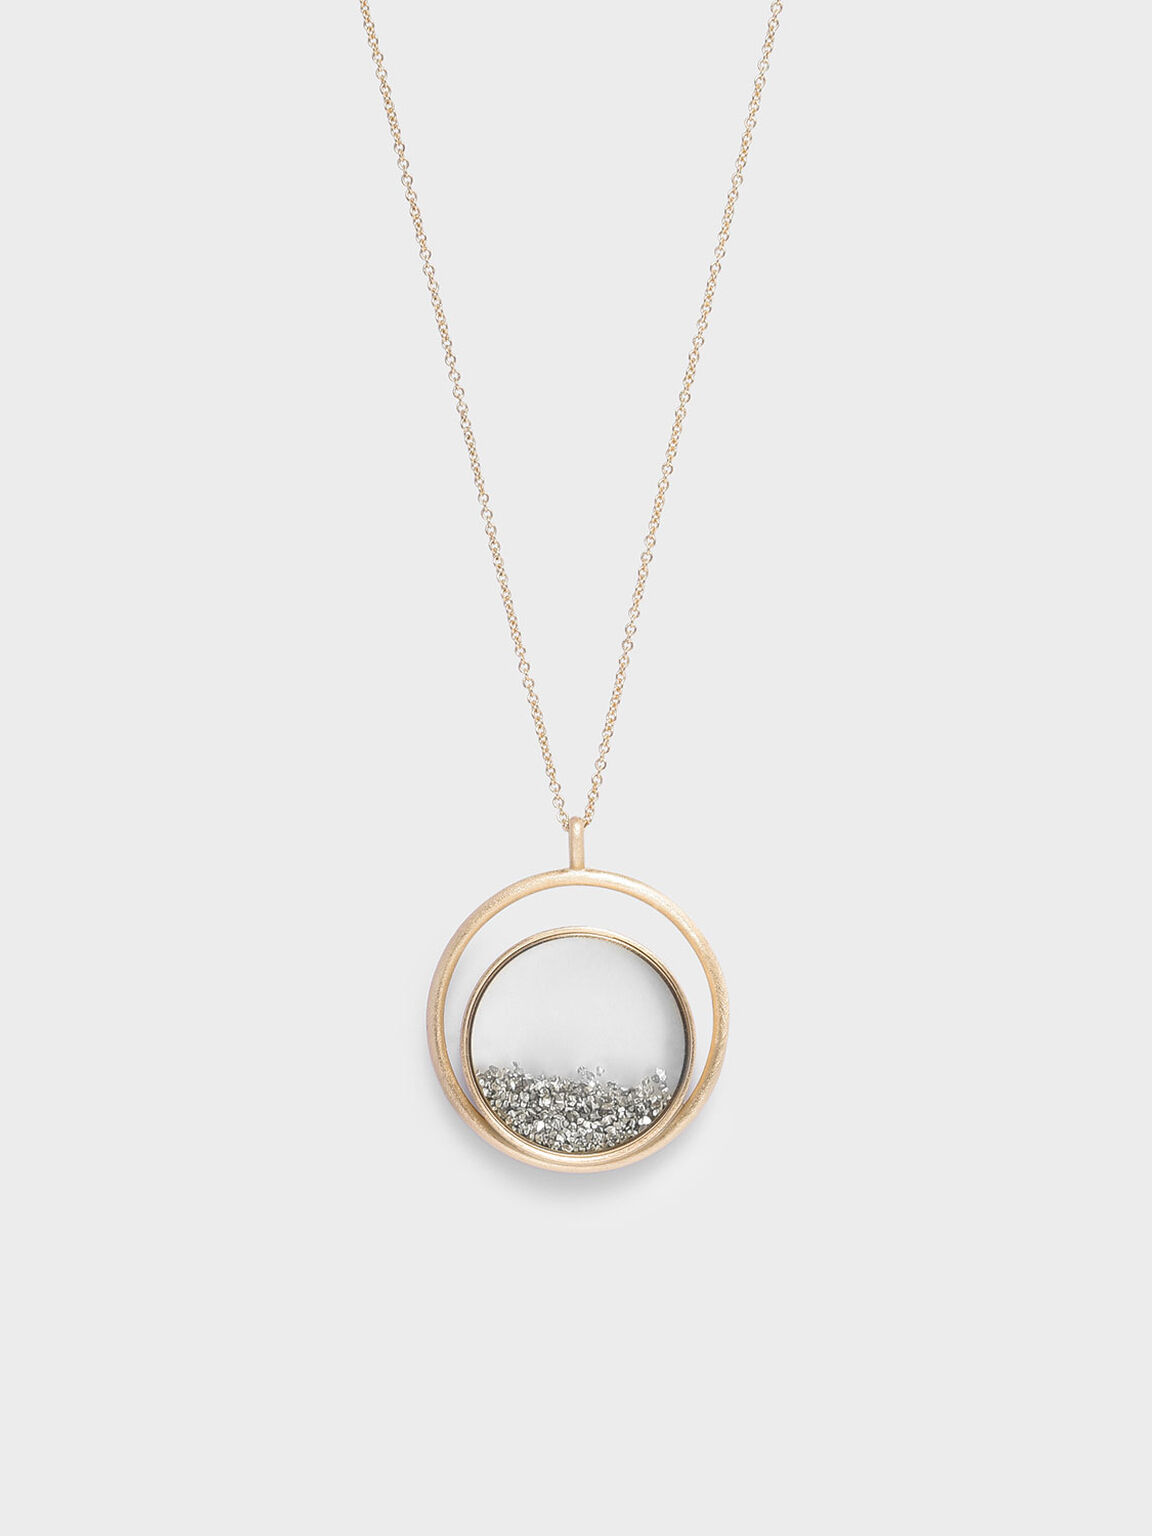 Silver Sparkling Sandstone Floating Locket Matinee Necklace, Gold, hi-res